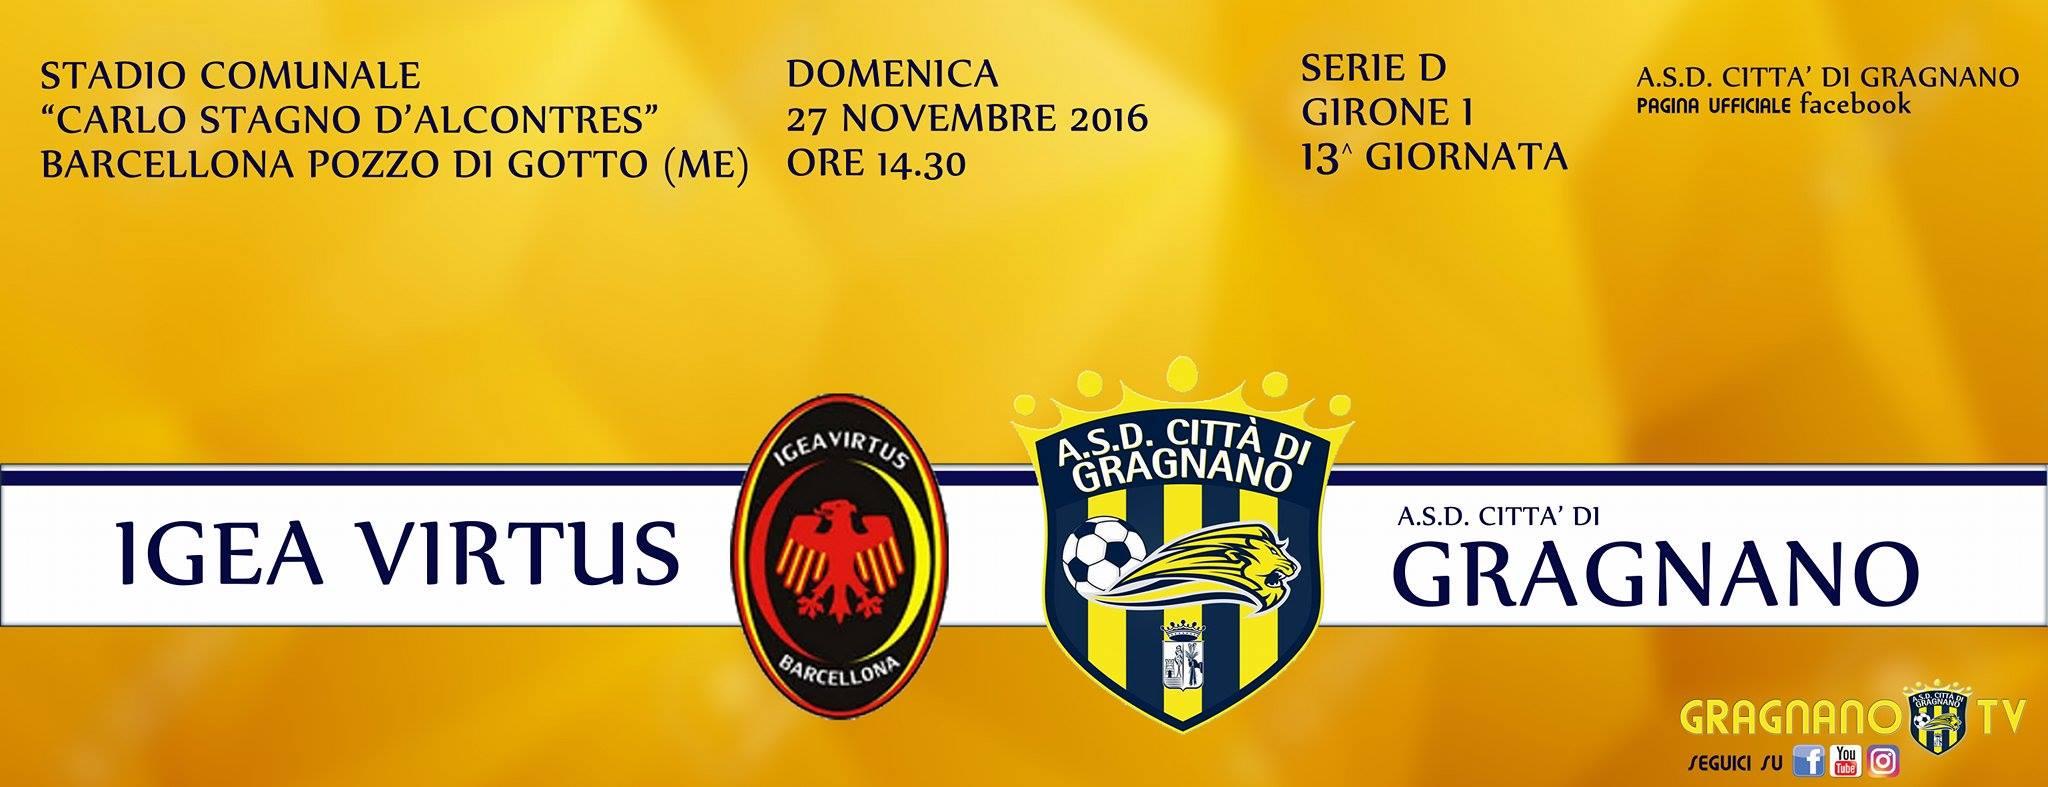 Serie D Girone I: Verso Igea Virtus – Gragnano